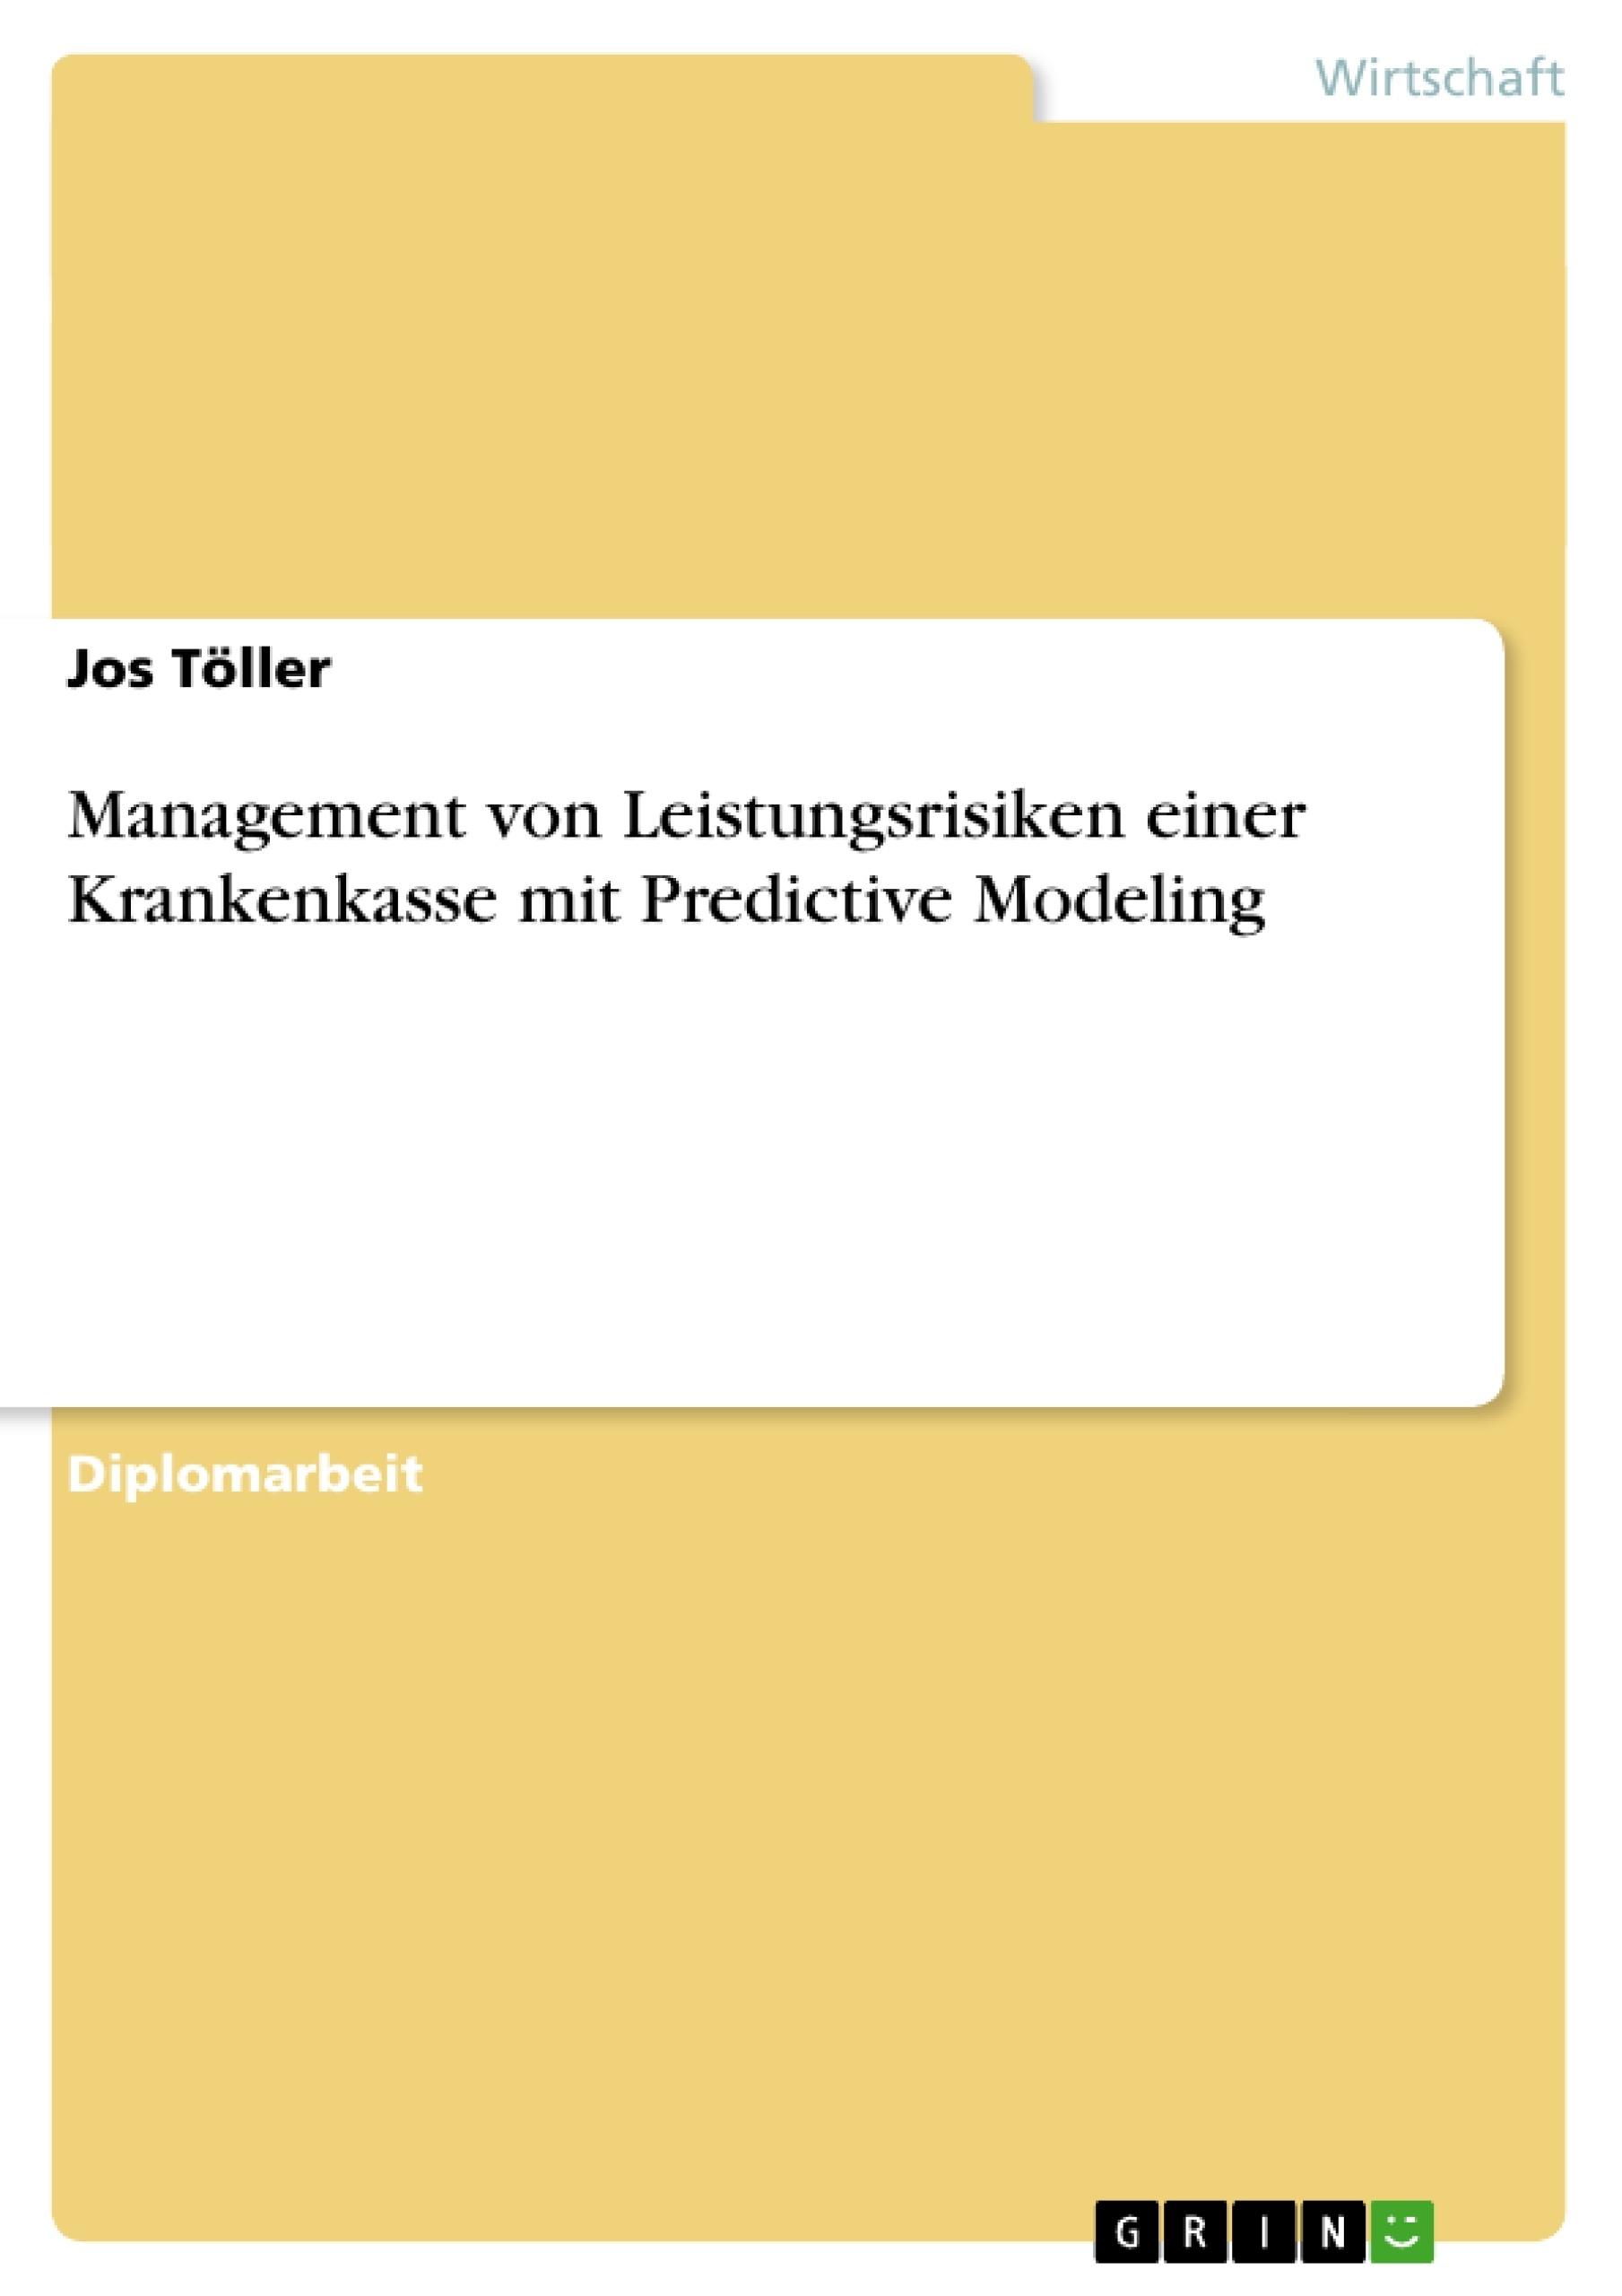 Titel: Management von Leistungsrisiken einer Krankenkasse mit Predictive Modeling